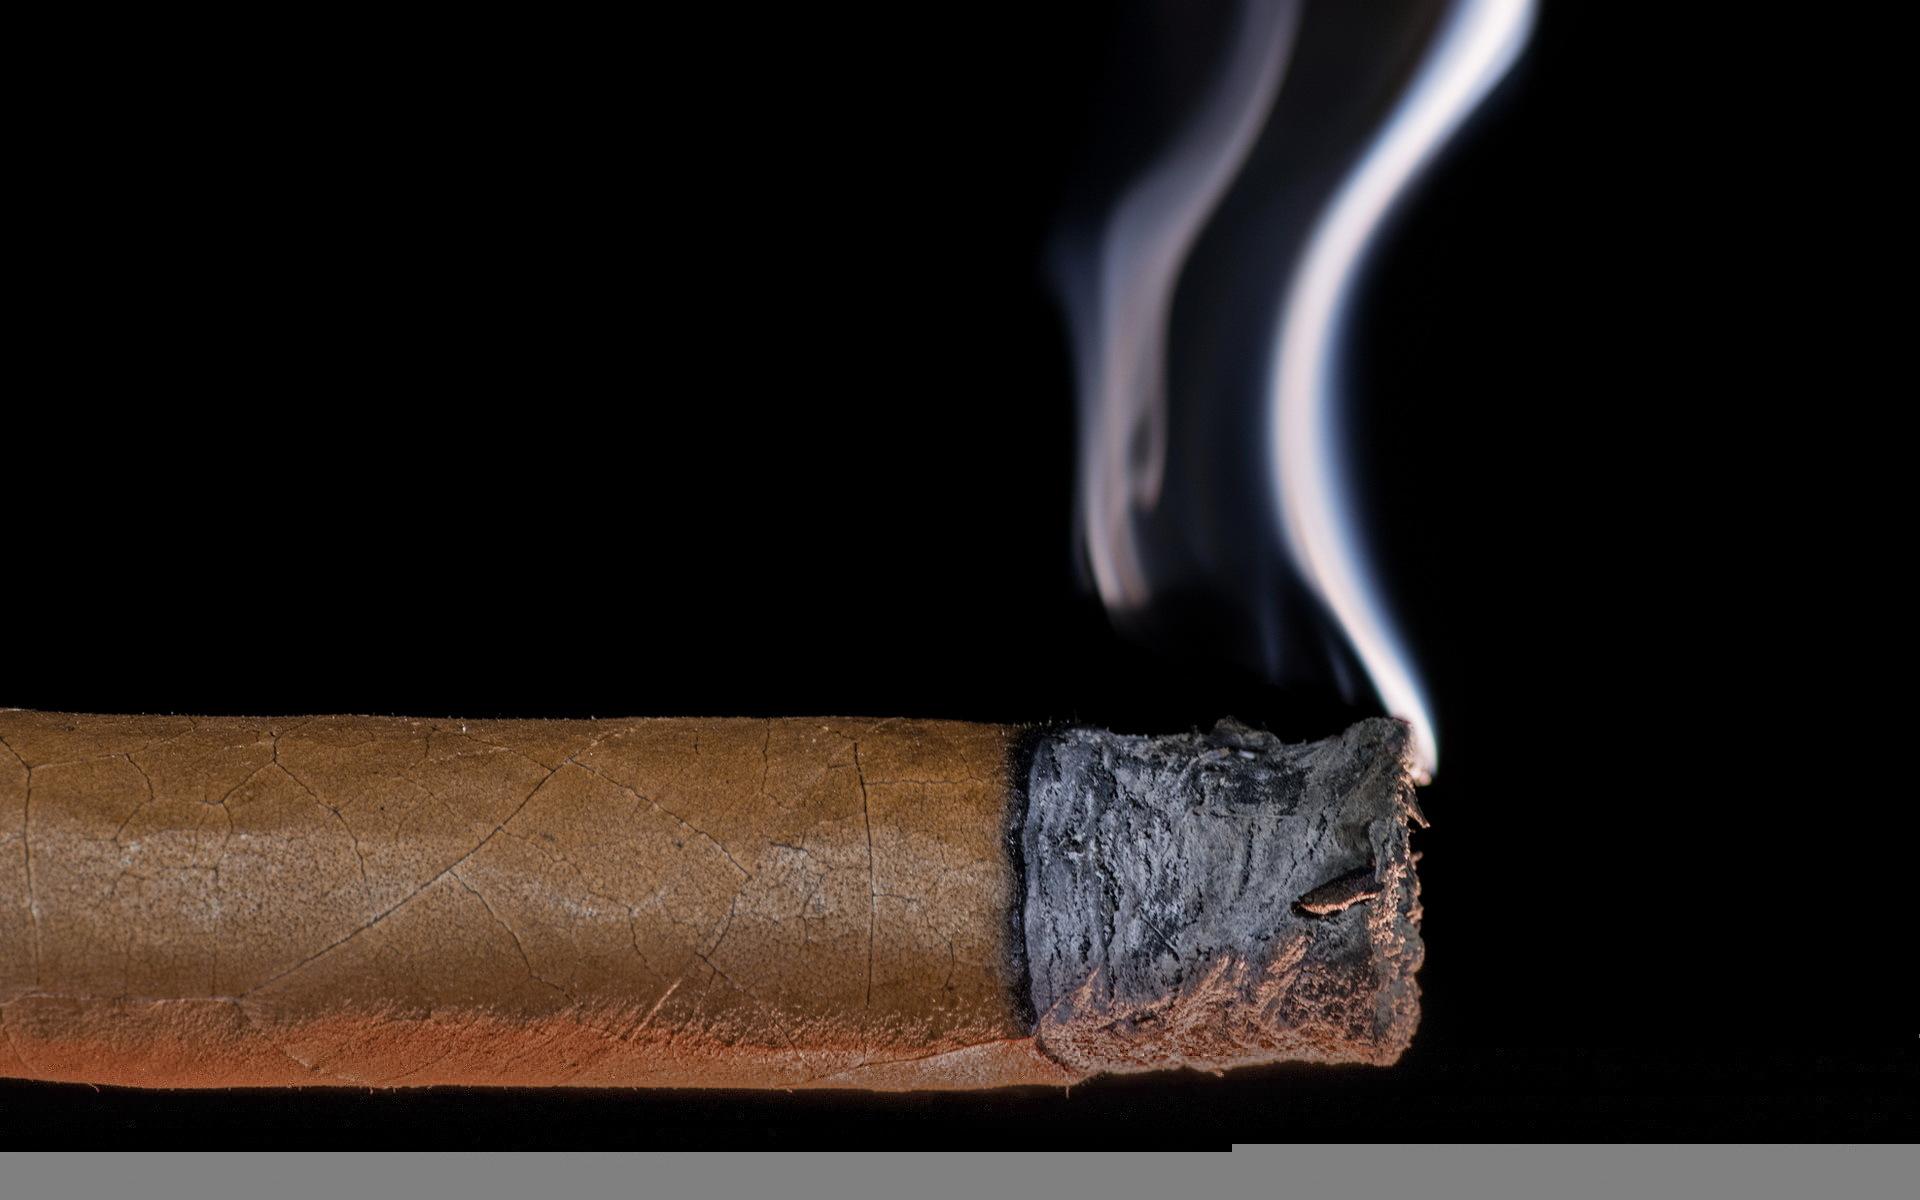 Iphone Cigar Wallpaper Wallpapersafari HD Wallpapers Download Free Images Wallpaper [1000image.com]